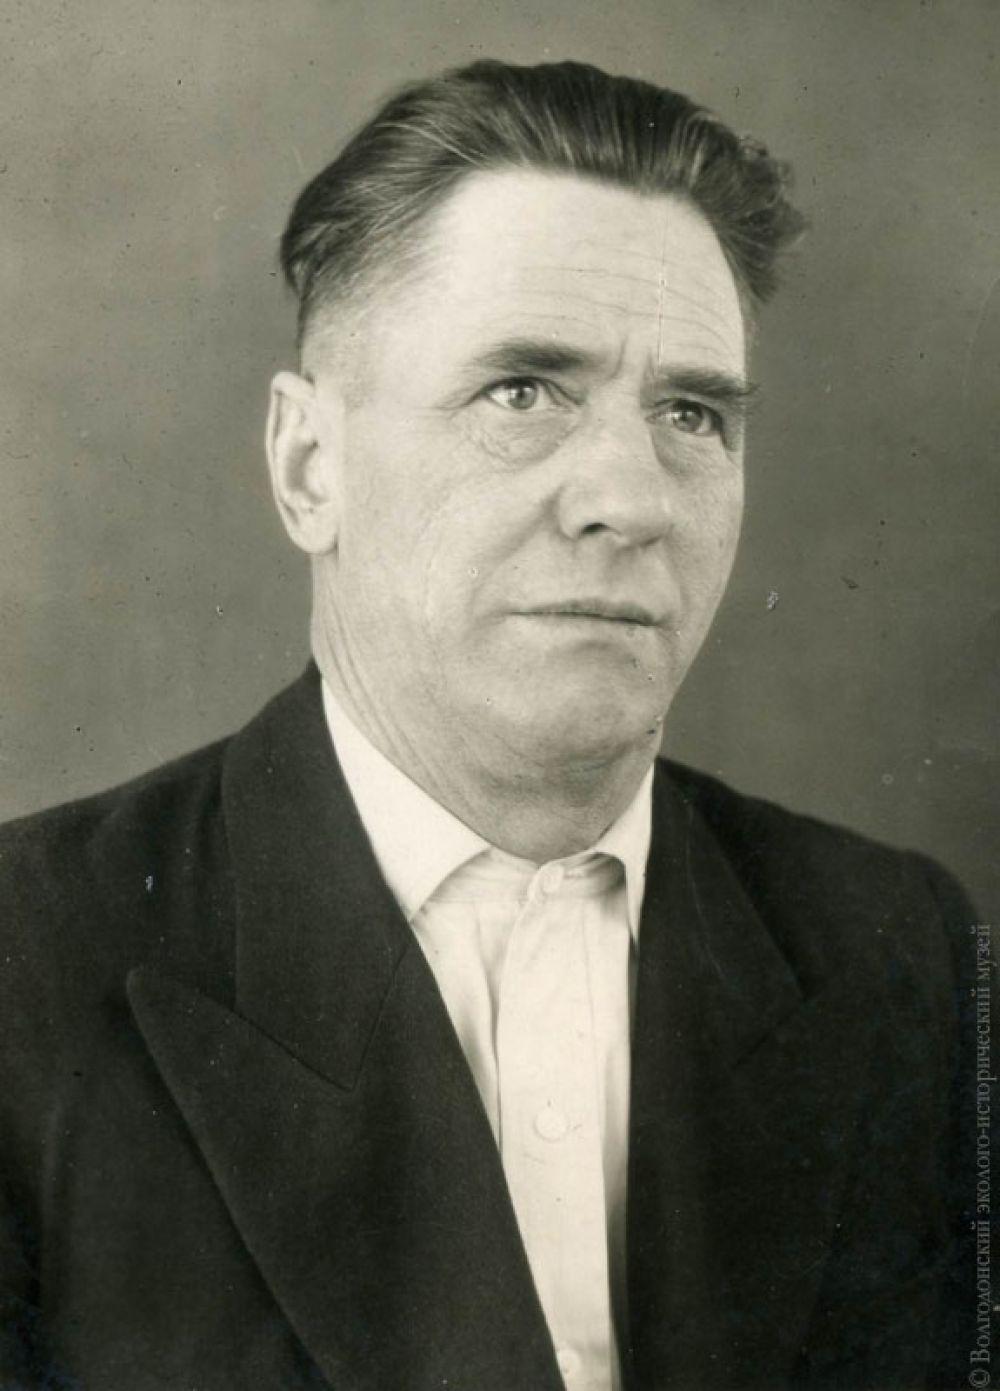 Один из геодезистов строительства П. Сидонский. Именно он передал в музей «ервый костыль».